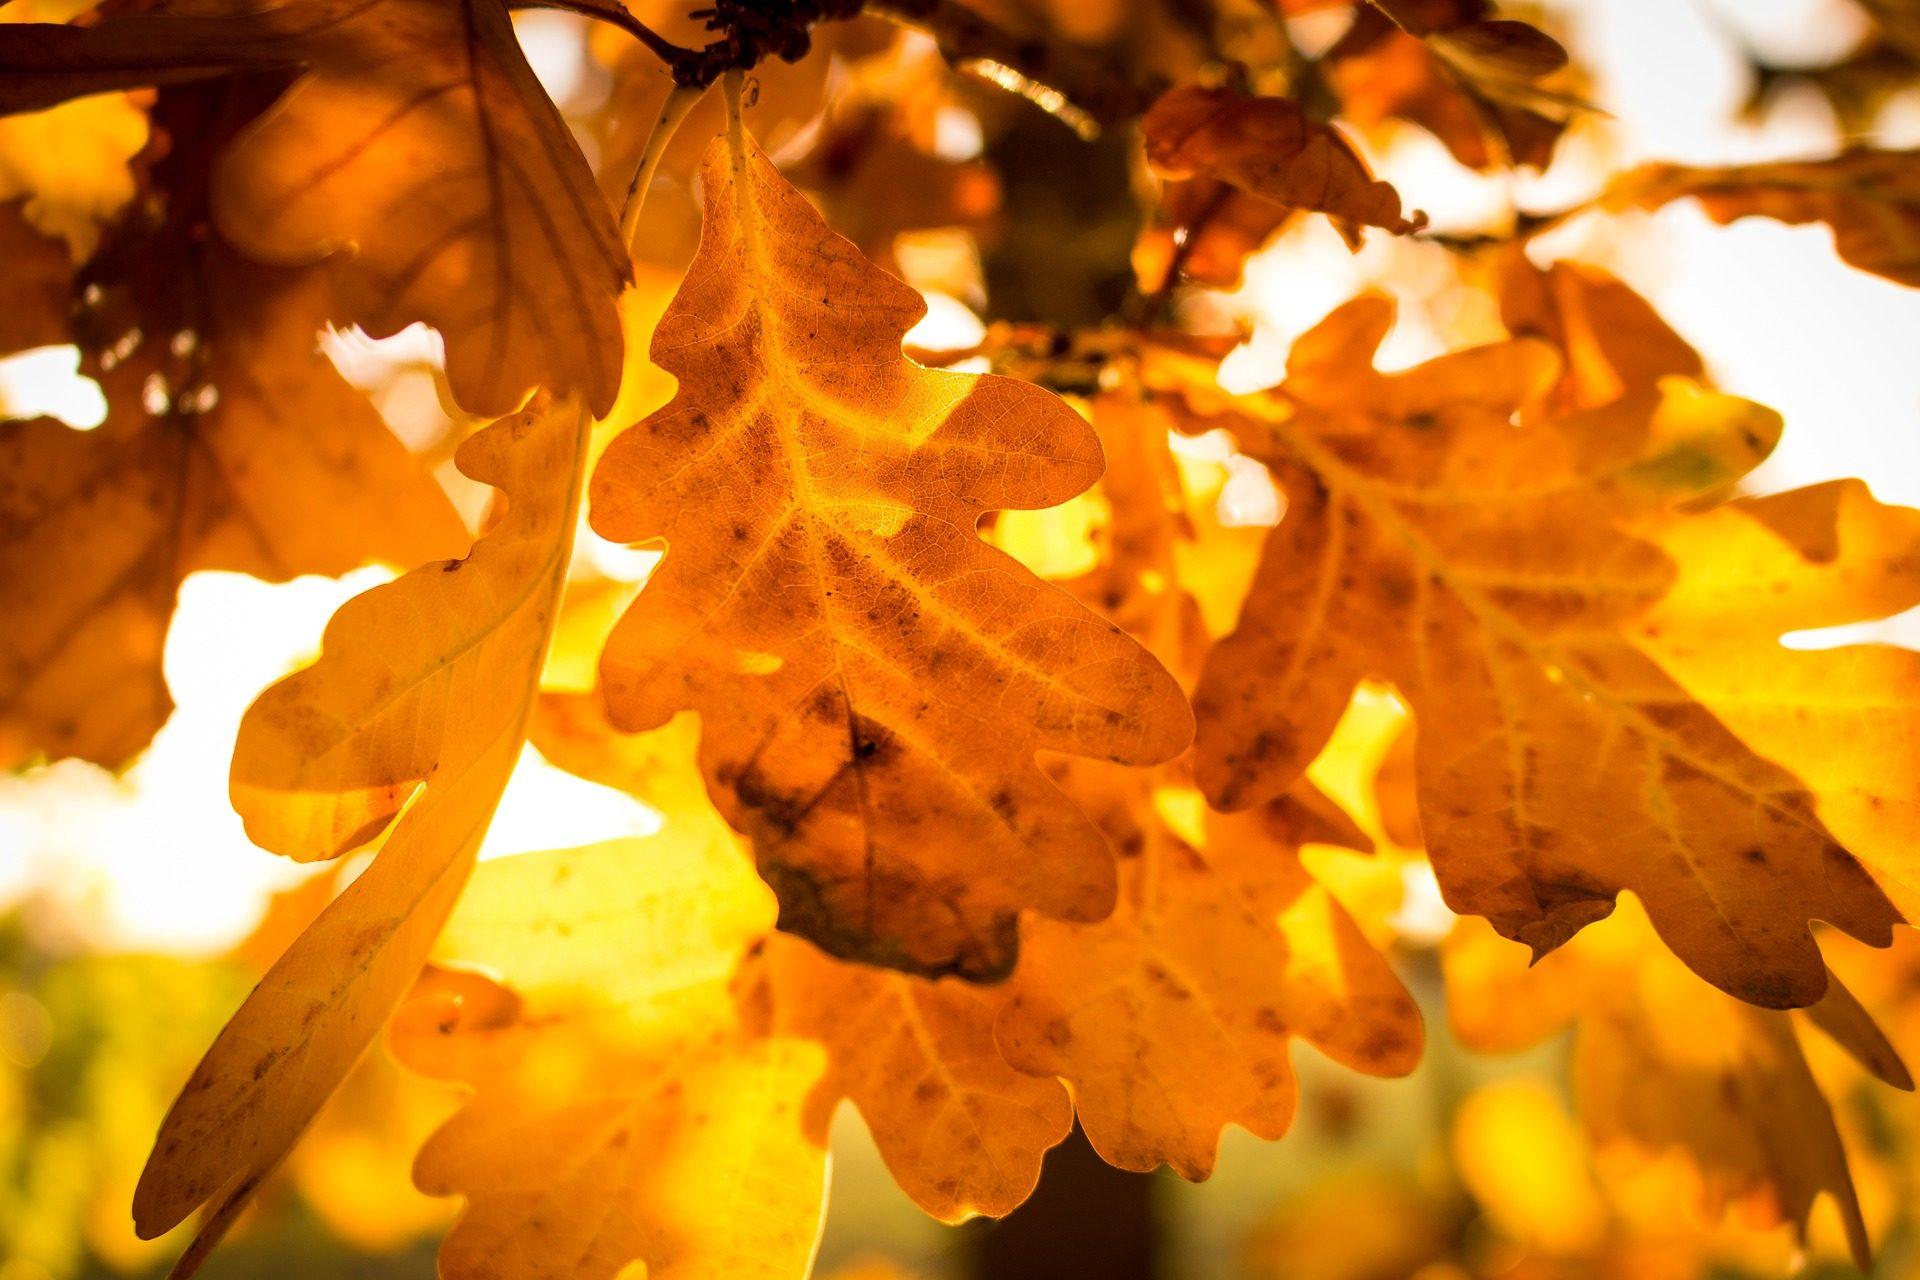 hojas, árbol, sol, luz, atardecer, anaranjado - Fondos de Pantalla HD - professor-falken.com